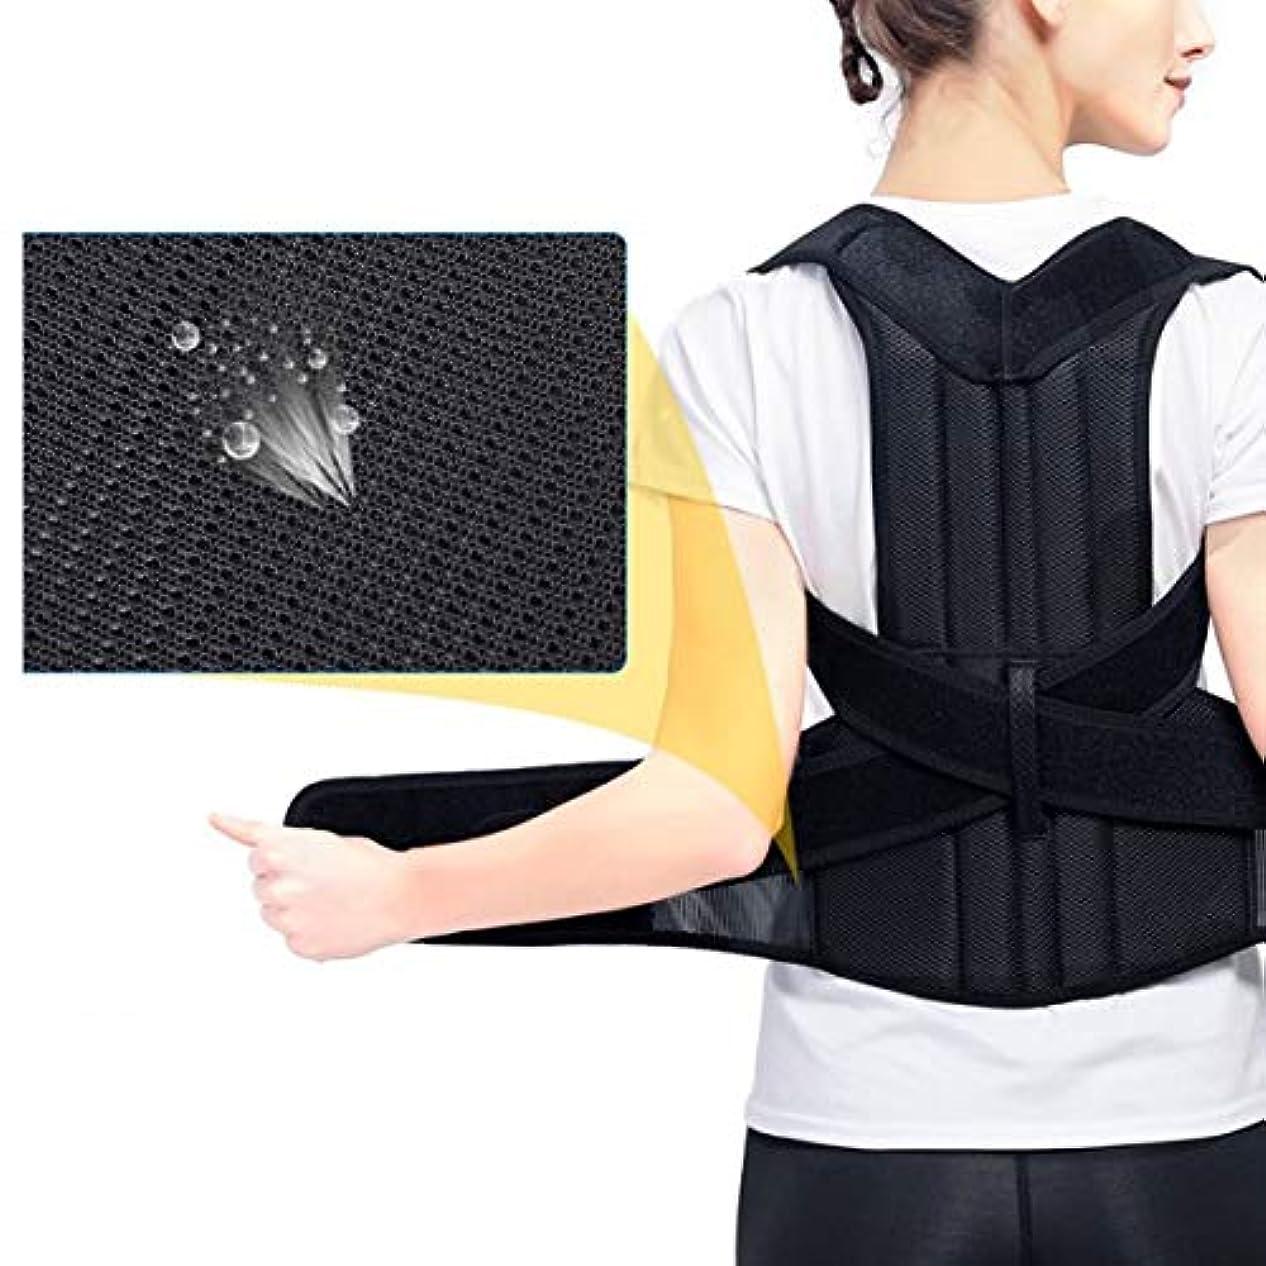 用心しつけ強化腰椎矯正バックブレース背骨装具側弯症腰椎サポート脊椎湾曲装具固定用姿勢 - 黒